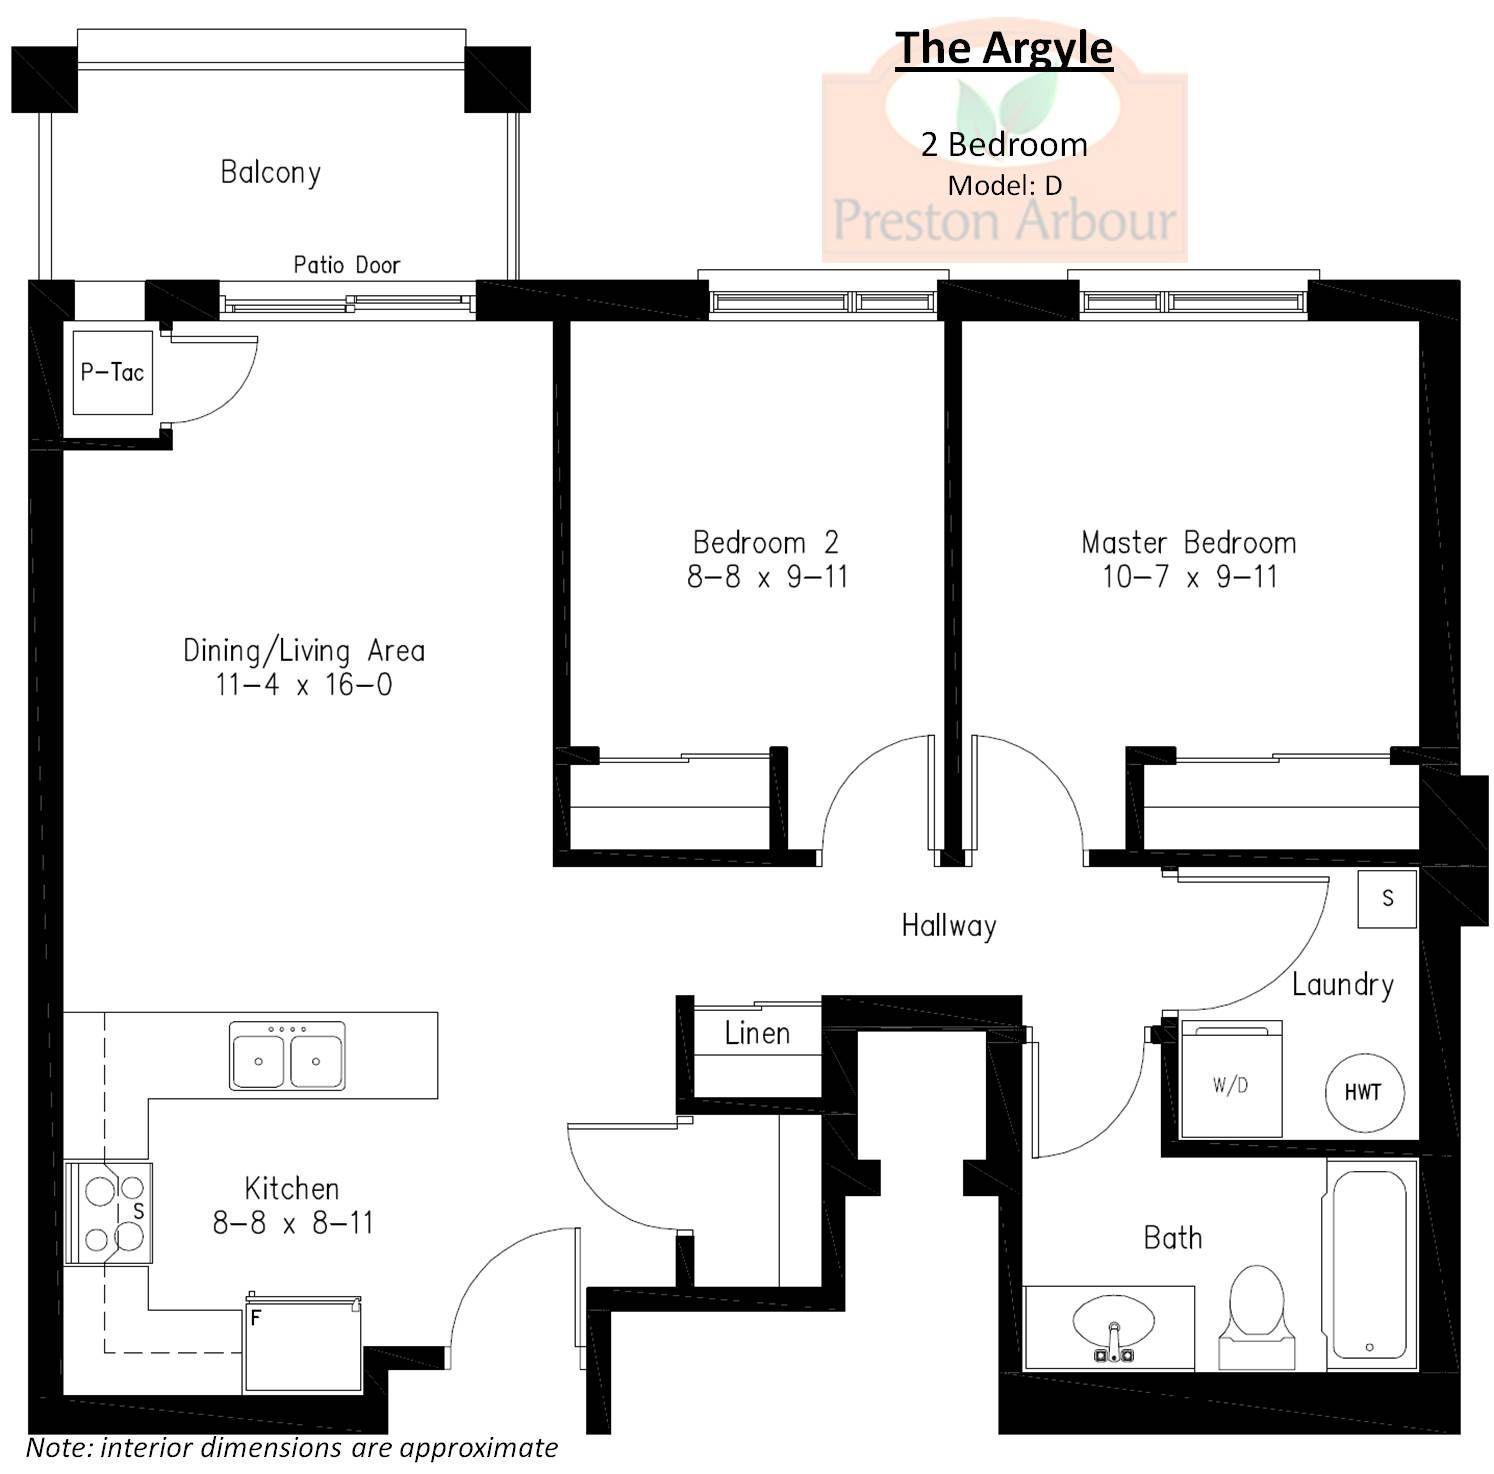 Design A House Floor Plan Online Free In 2020 Floor Planner House Plans Online Floor Plan Design